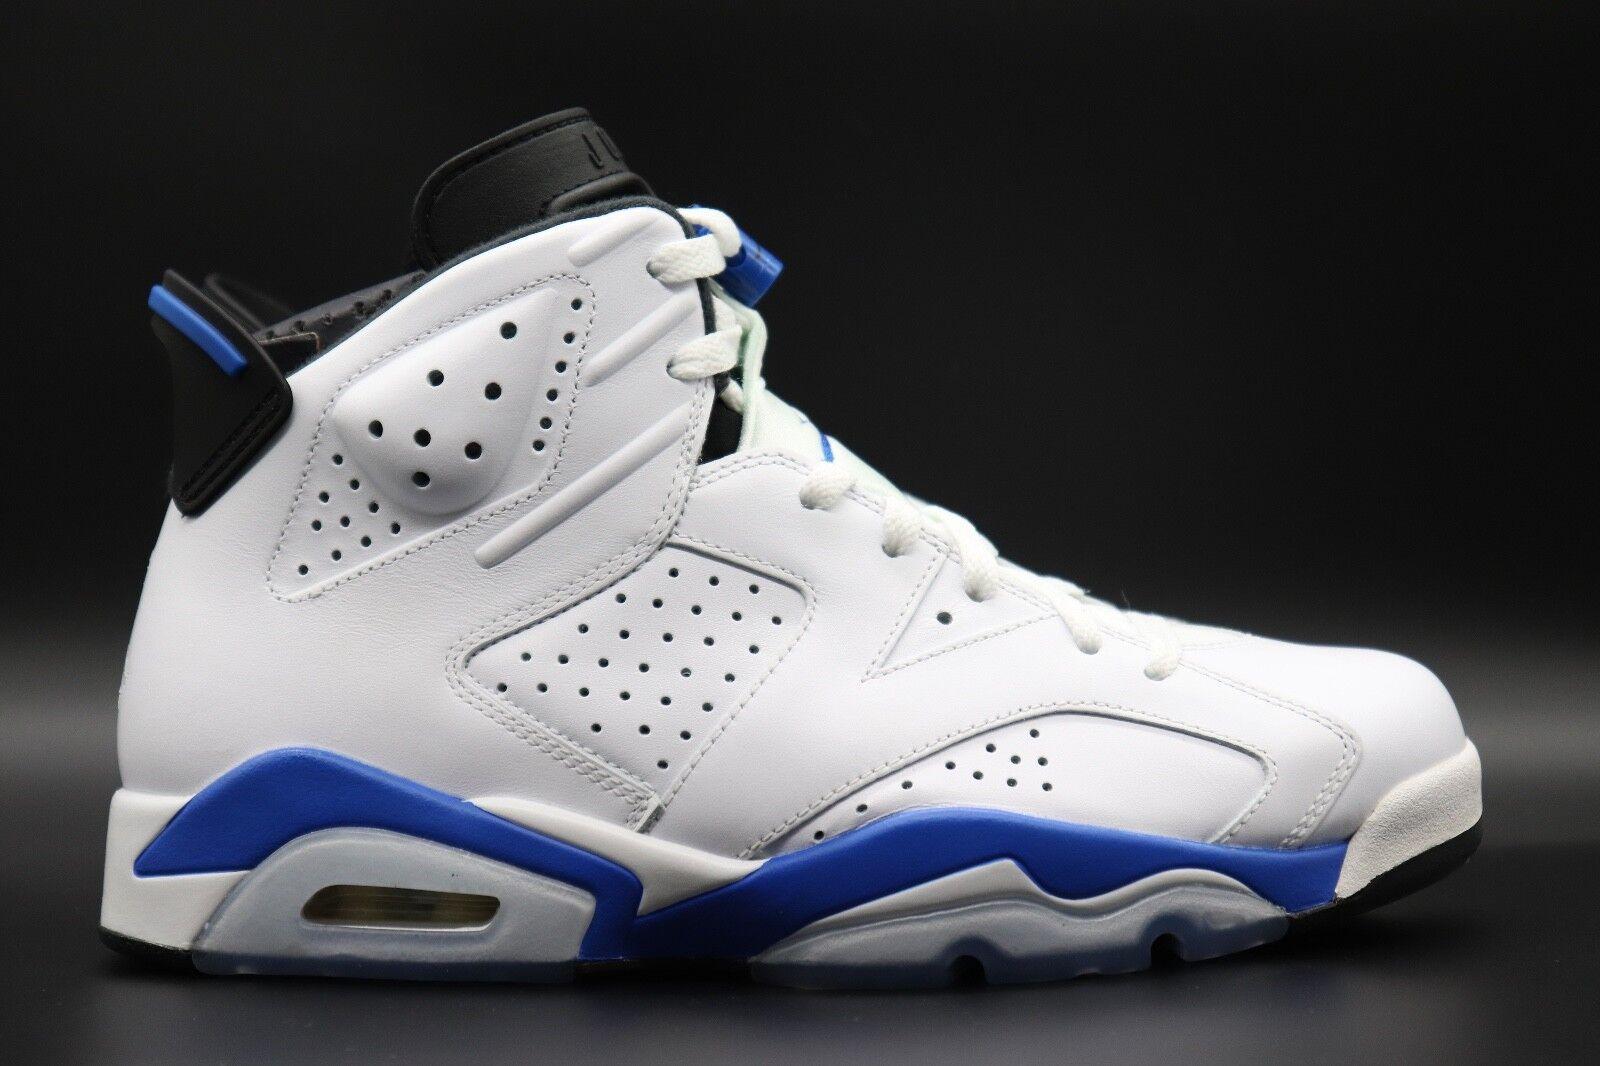 Nike Air precios Jordan 6 Reducción de precios Air estacionales de recortes de precios, beneficios de descuentos e11541